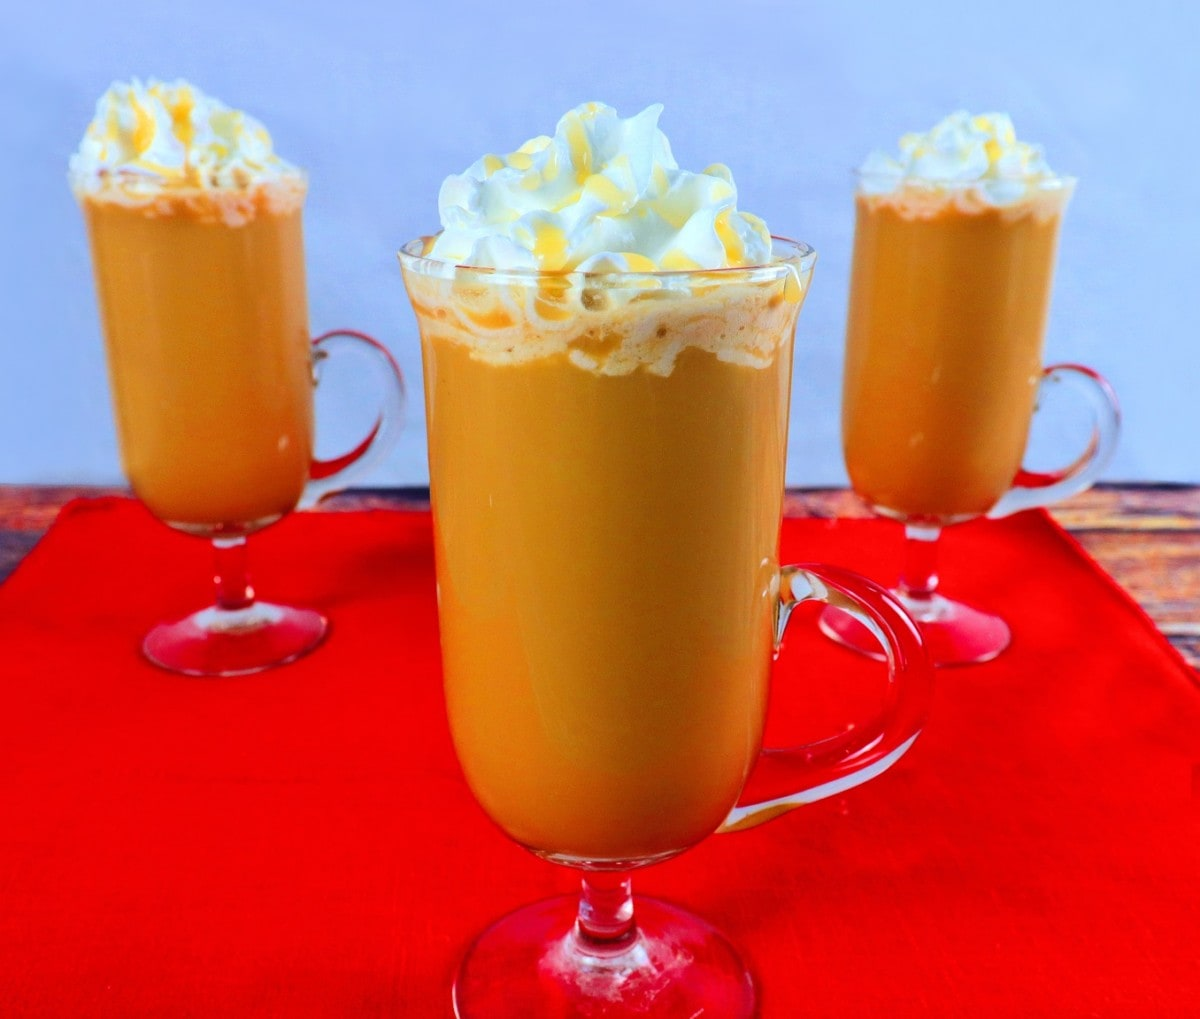 Homemade Caramel Latte